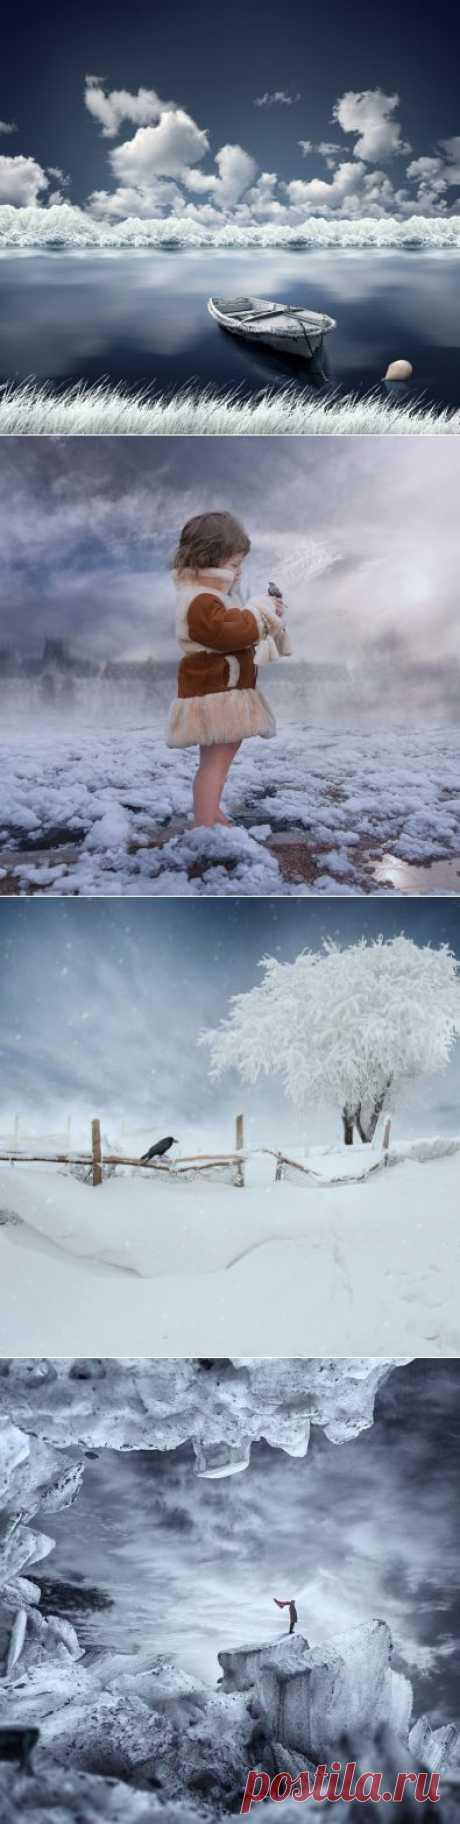 Зимнее фэнтези от Караса Йонута — Российское фото